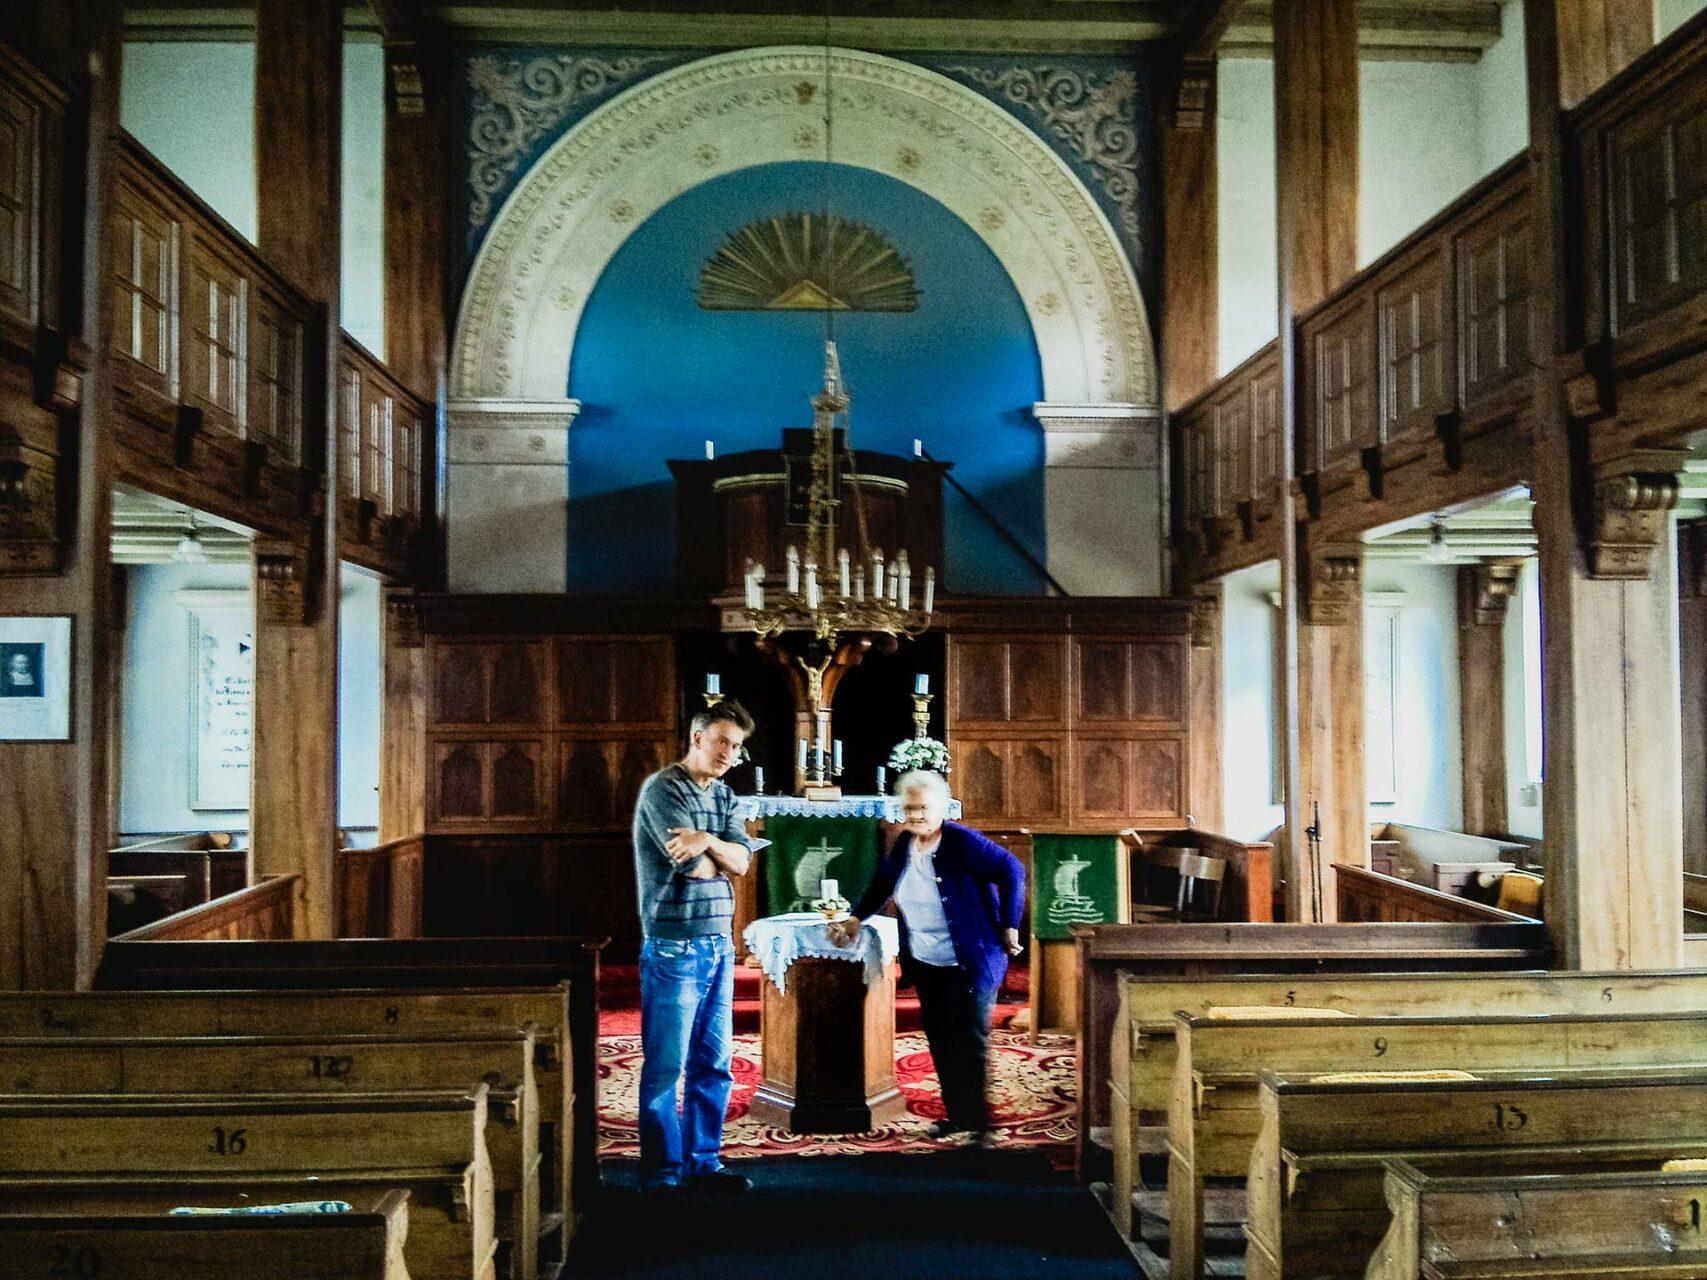 Wir werden aufgeklärt. Durch das ganze Holz ist dies die einzige Kirche unterwegs, die sich drinnen wärmer anfühlt, als draussen. Bei den anderen ist es genau anders herum.